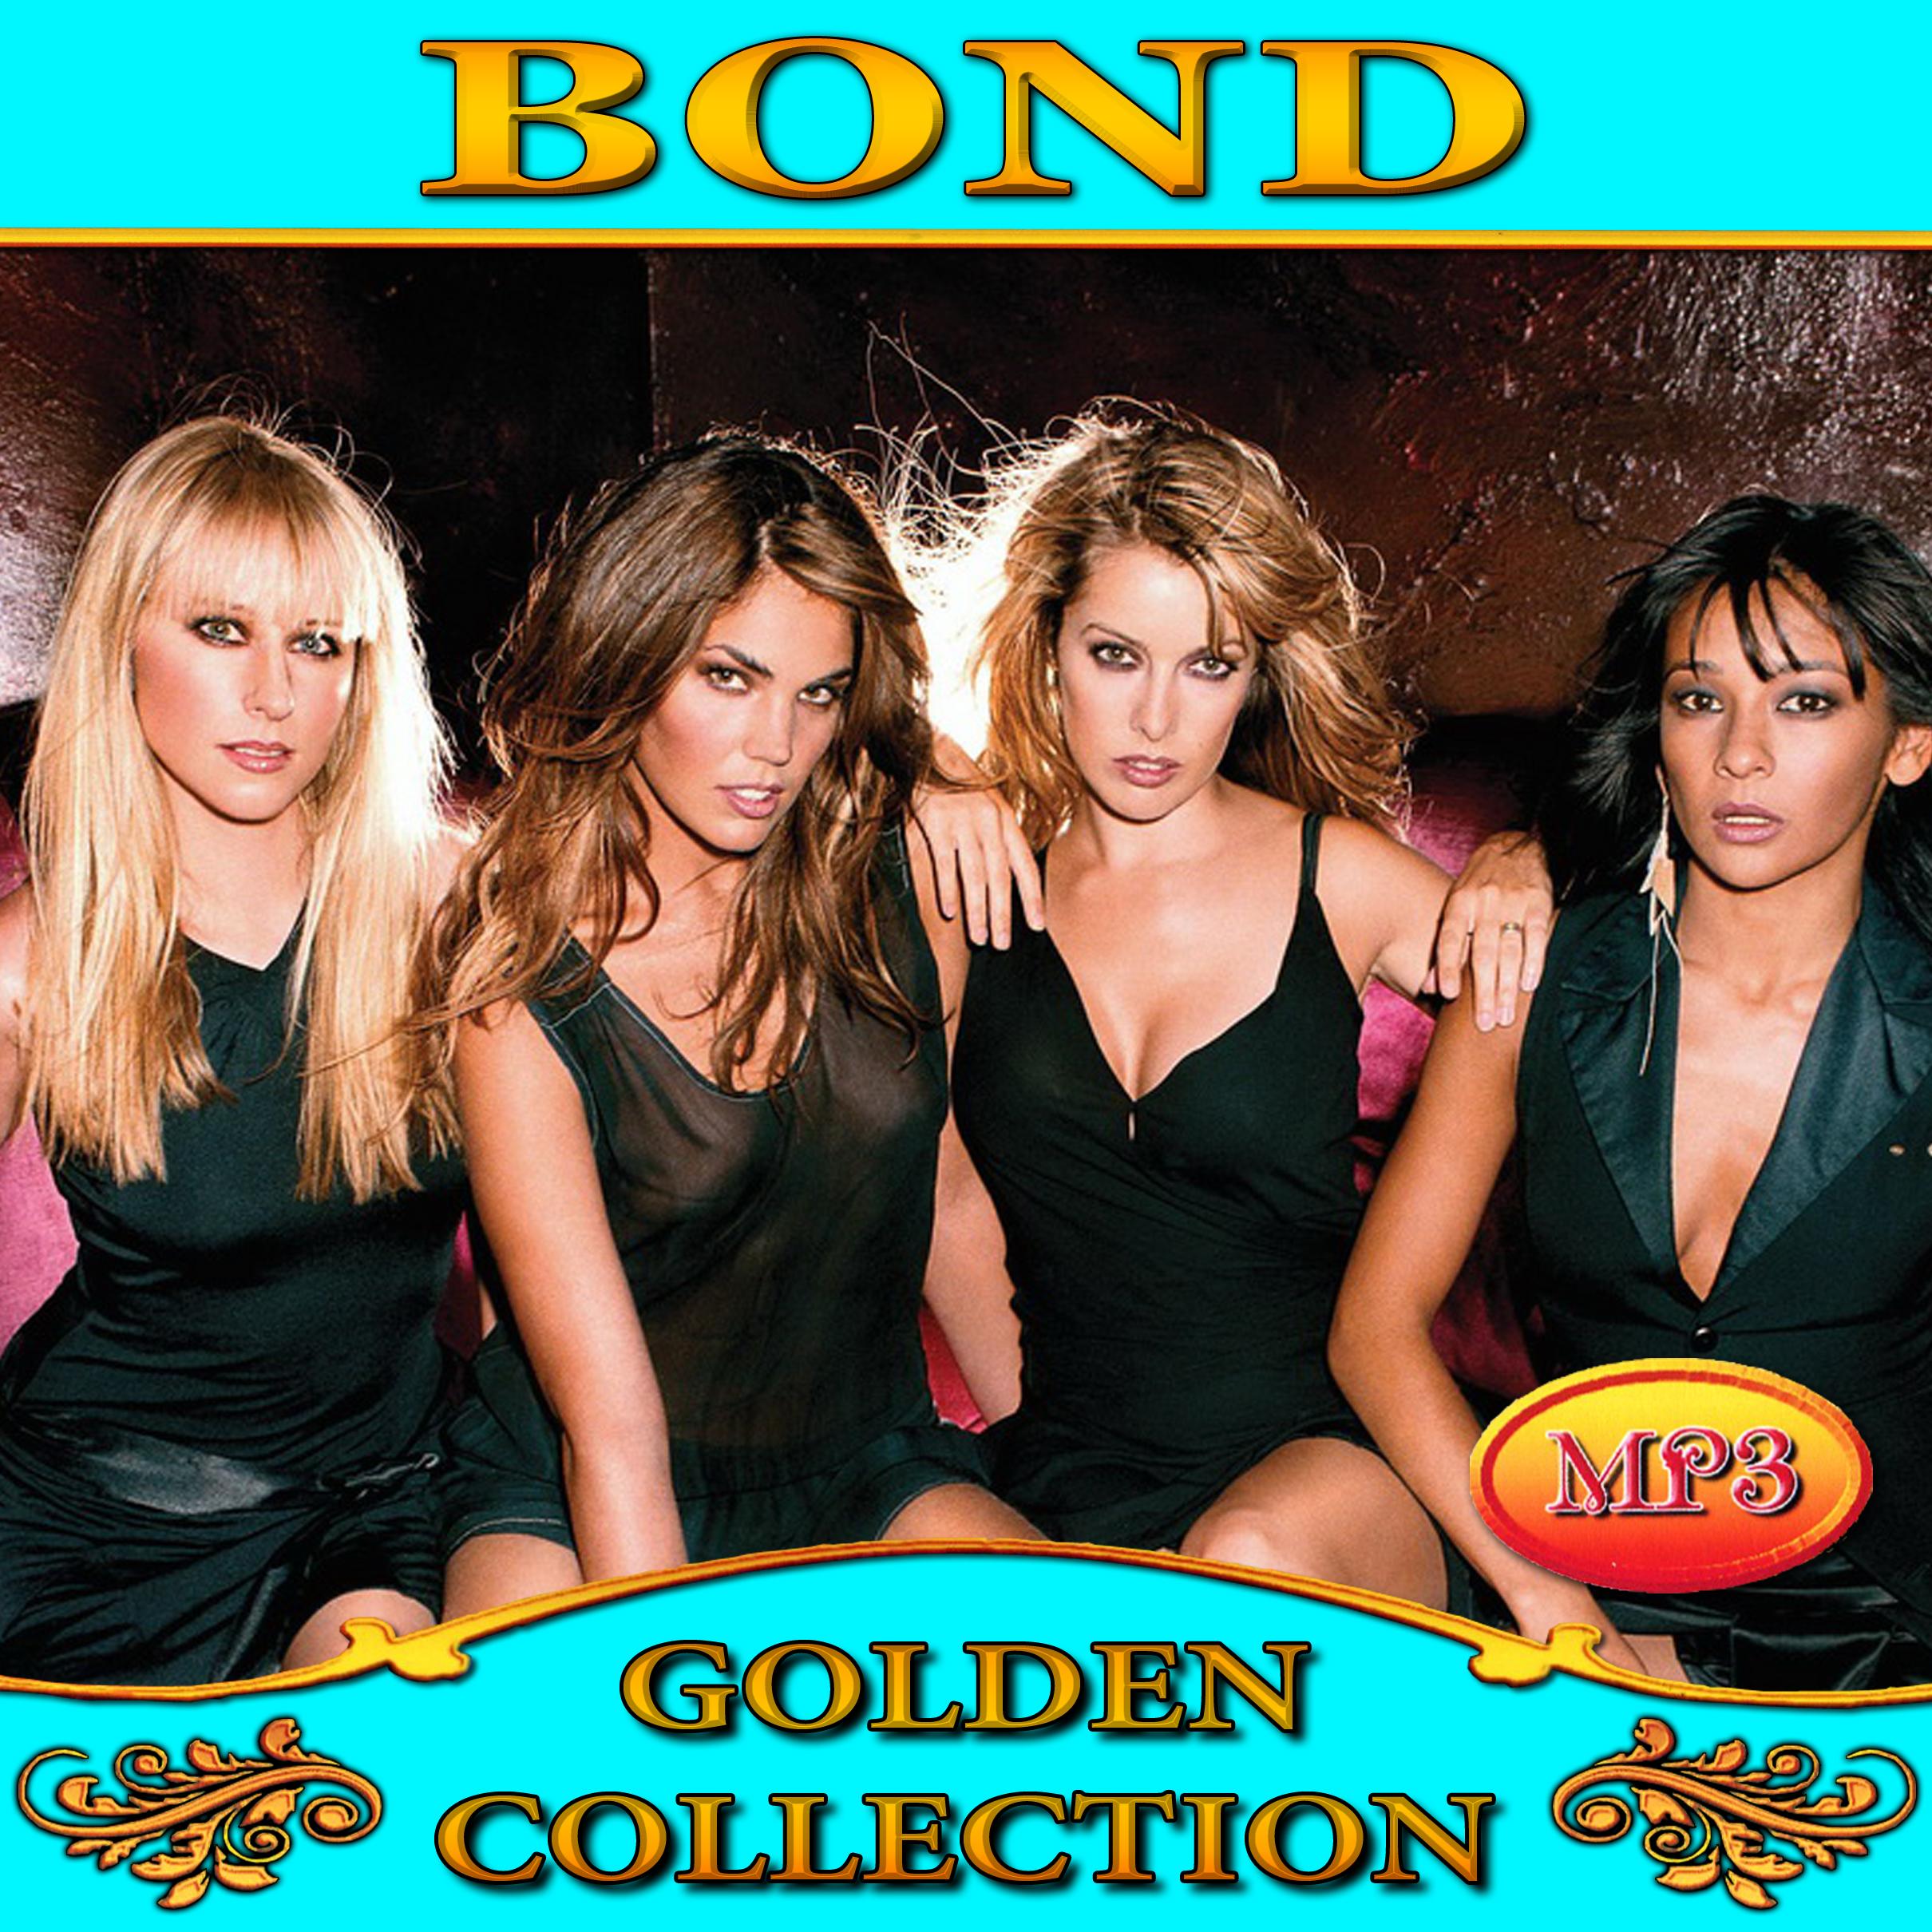 Bond [mp3]